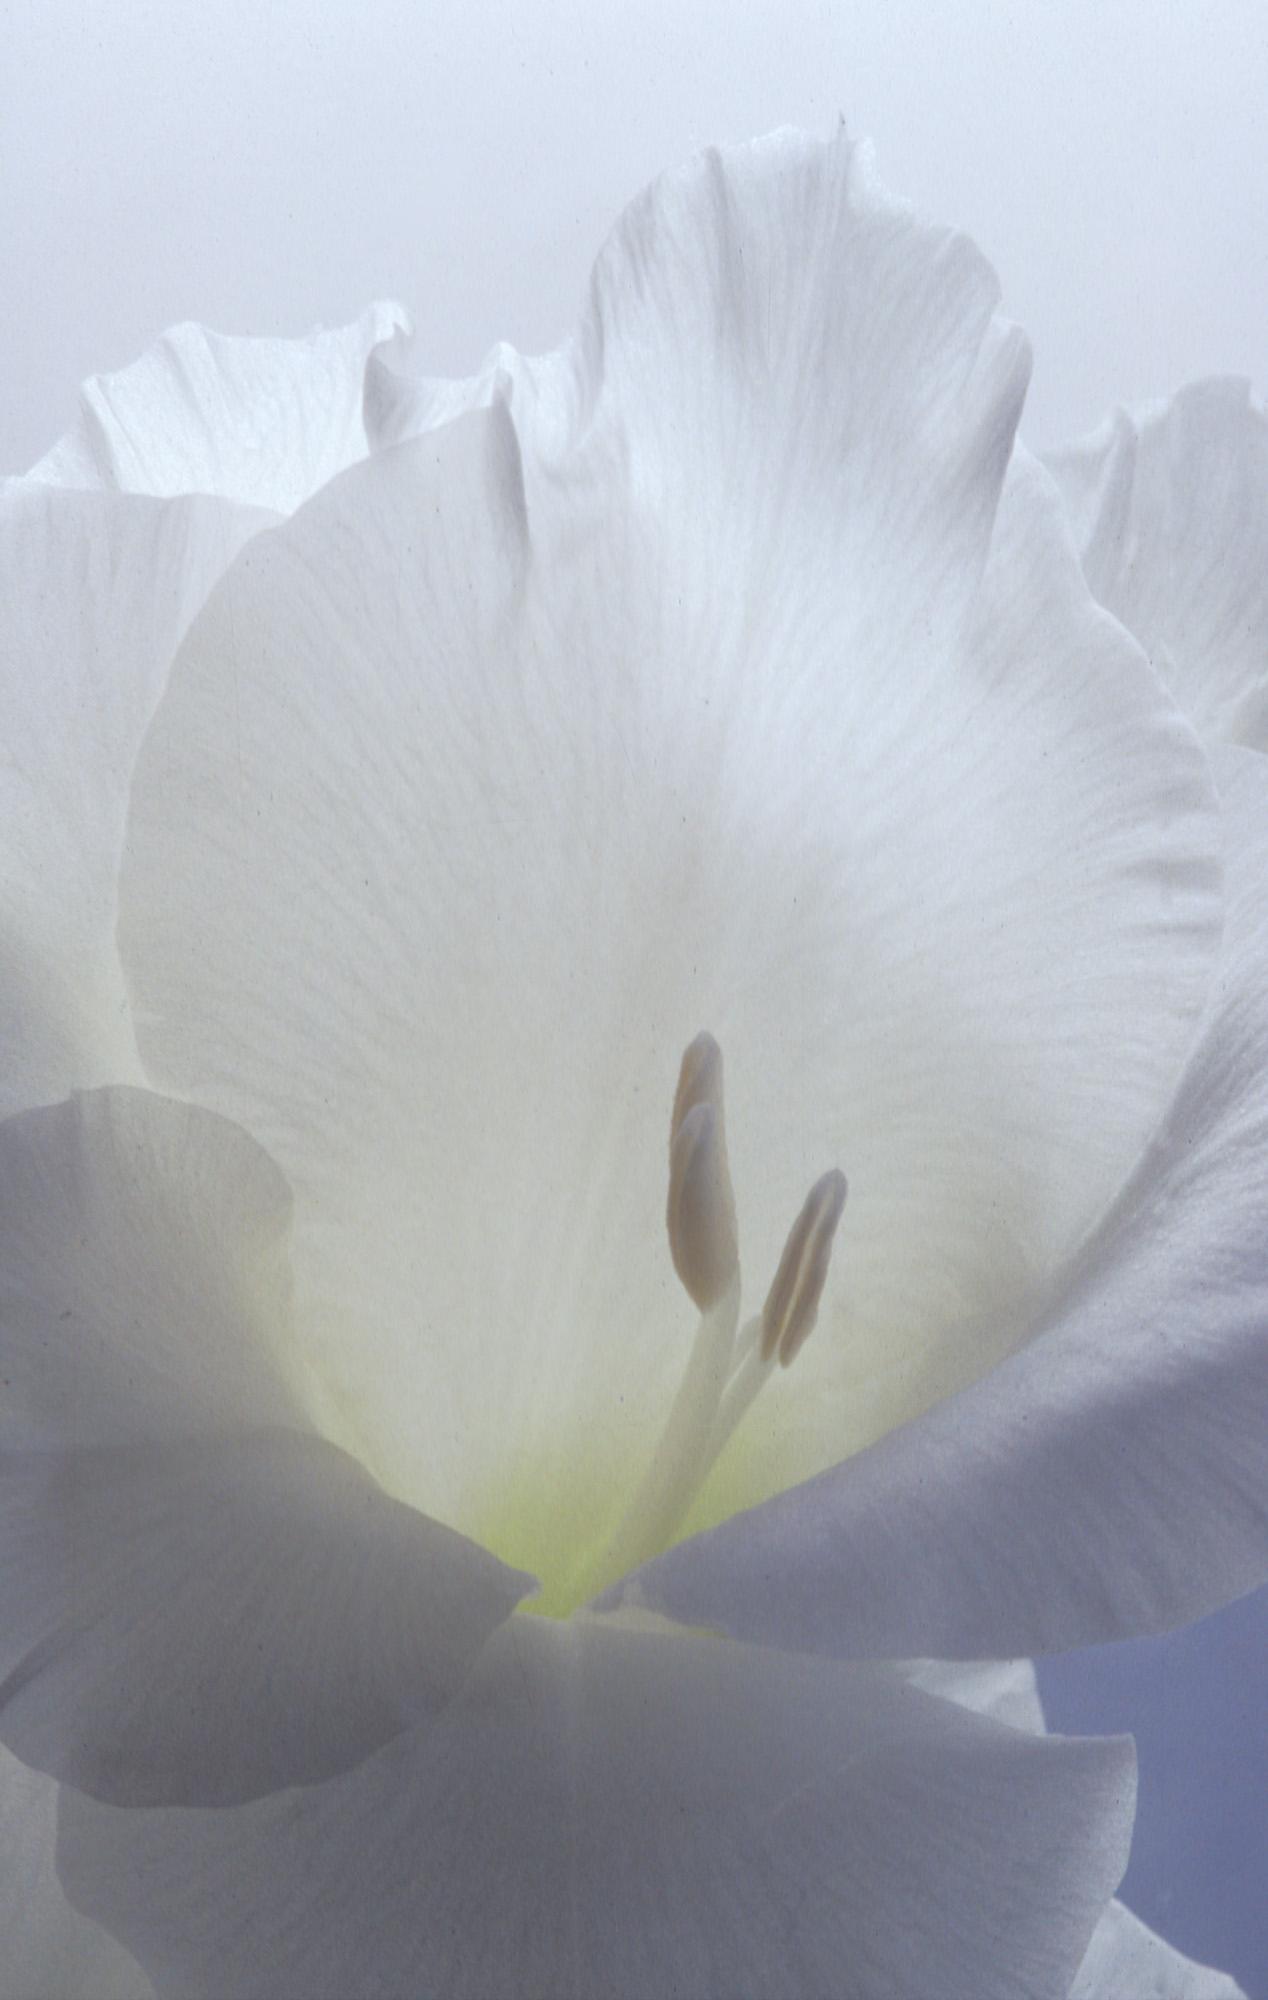 Blüte, Blüten, Pflanze, Pflanzen, Natur, Wachstum, Leben, Stempel, Blätter, Makrobereich, Makro, analog, Großformat, analoge Fotografie, weiss